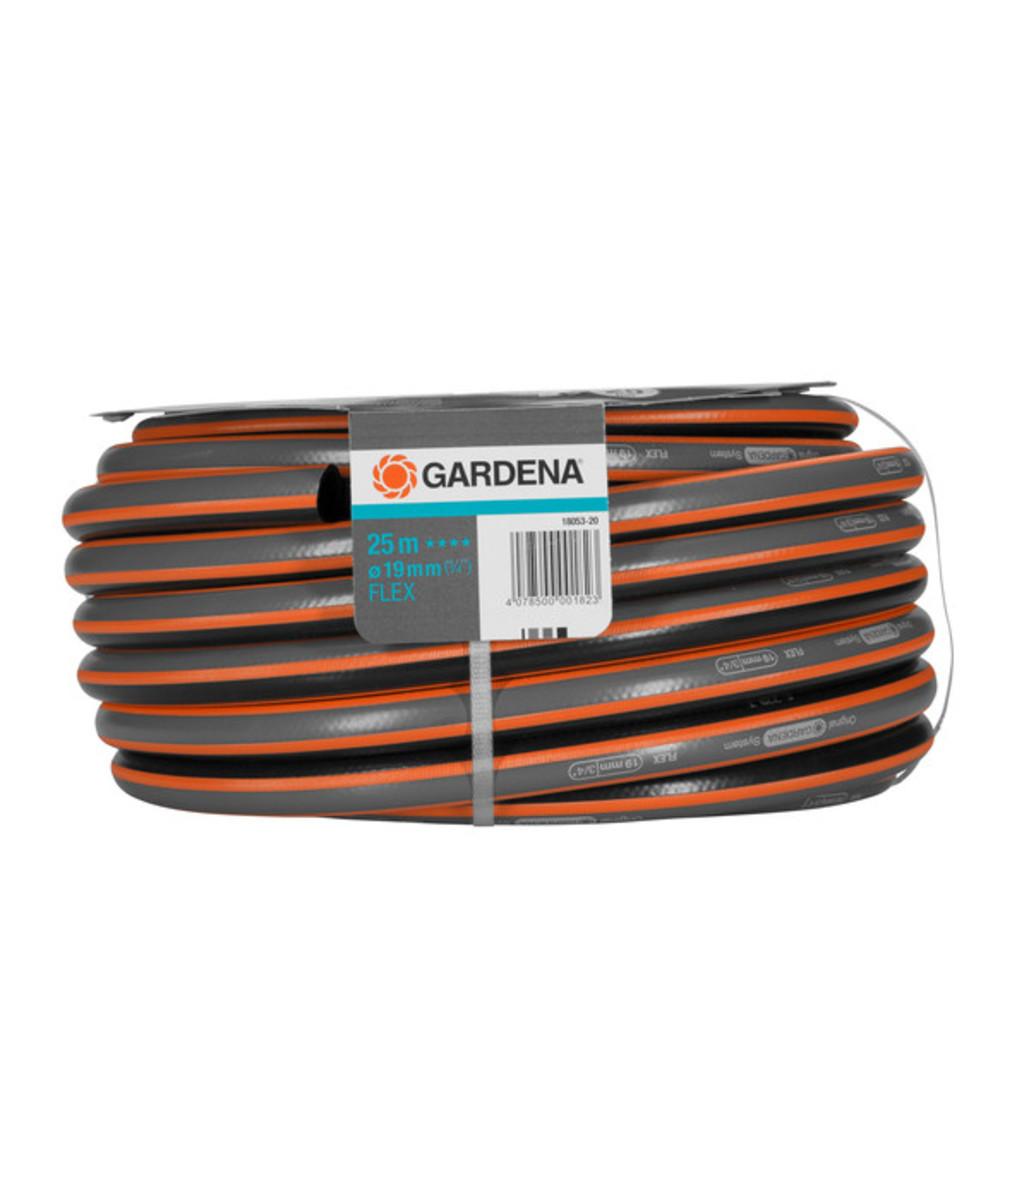 Bild 2 von GARDENA Comfort FLEX Schlauch 3/4'', 25 m